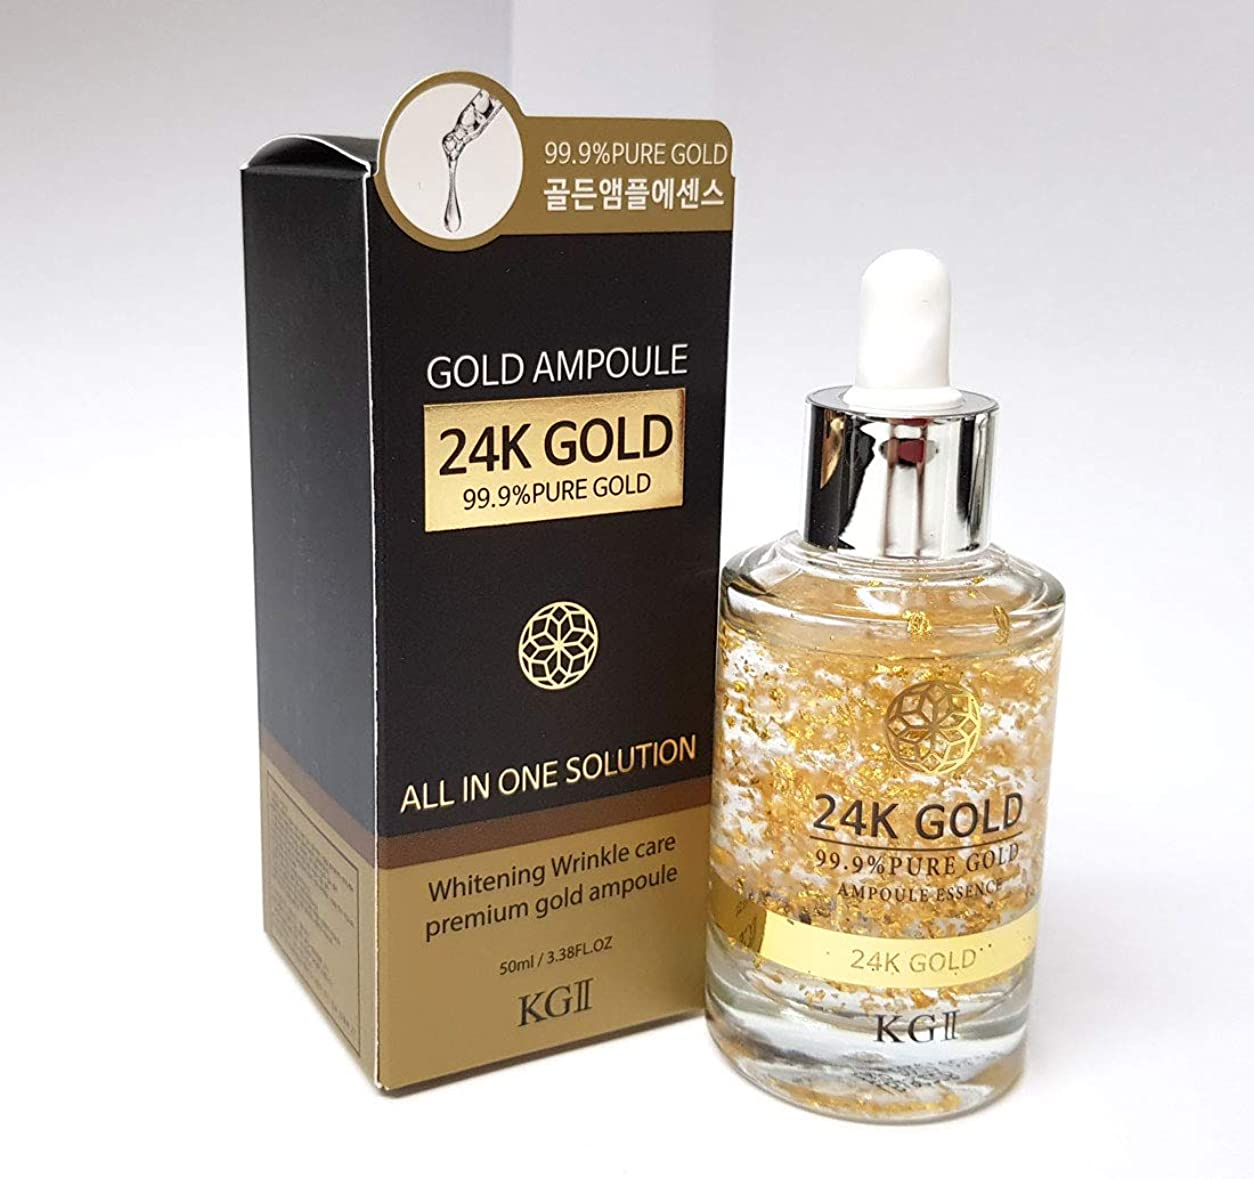 活力人差し指欺く[KG2] 24Kゴールドアンプルエッセンス50ml / 24K Gold Ampoule Essence 50ml / 99.9ピュアゴールド / 99.9Pure Gold/シワ&ホワイトニング/wrinkles & whitening/韓国化粧品/Korean Cosmetics [並行輸入品]